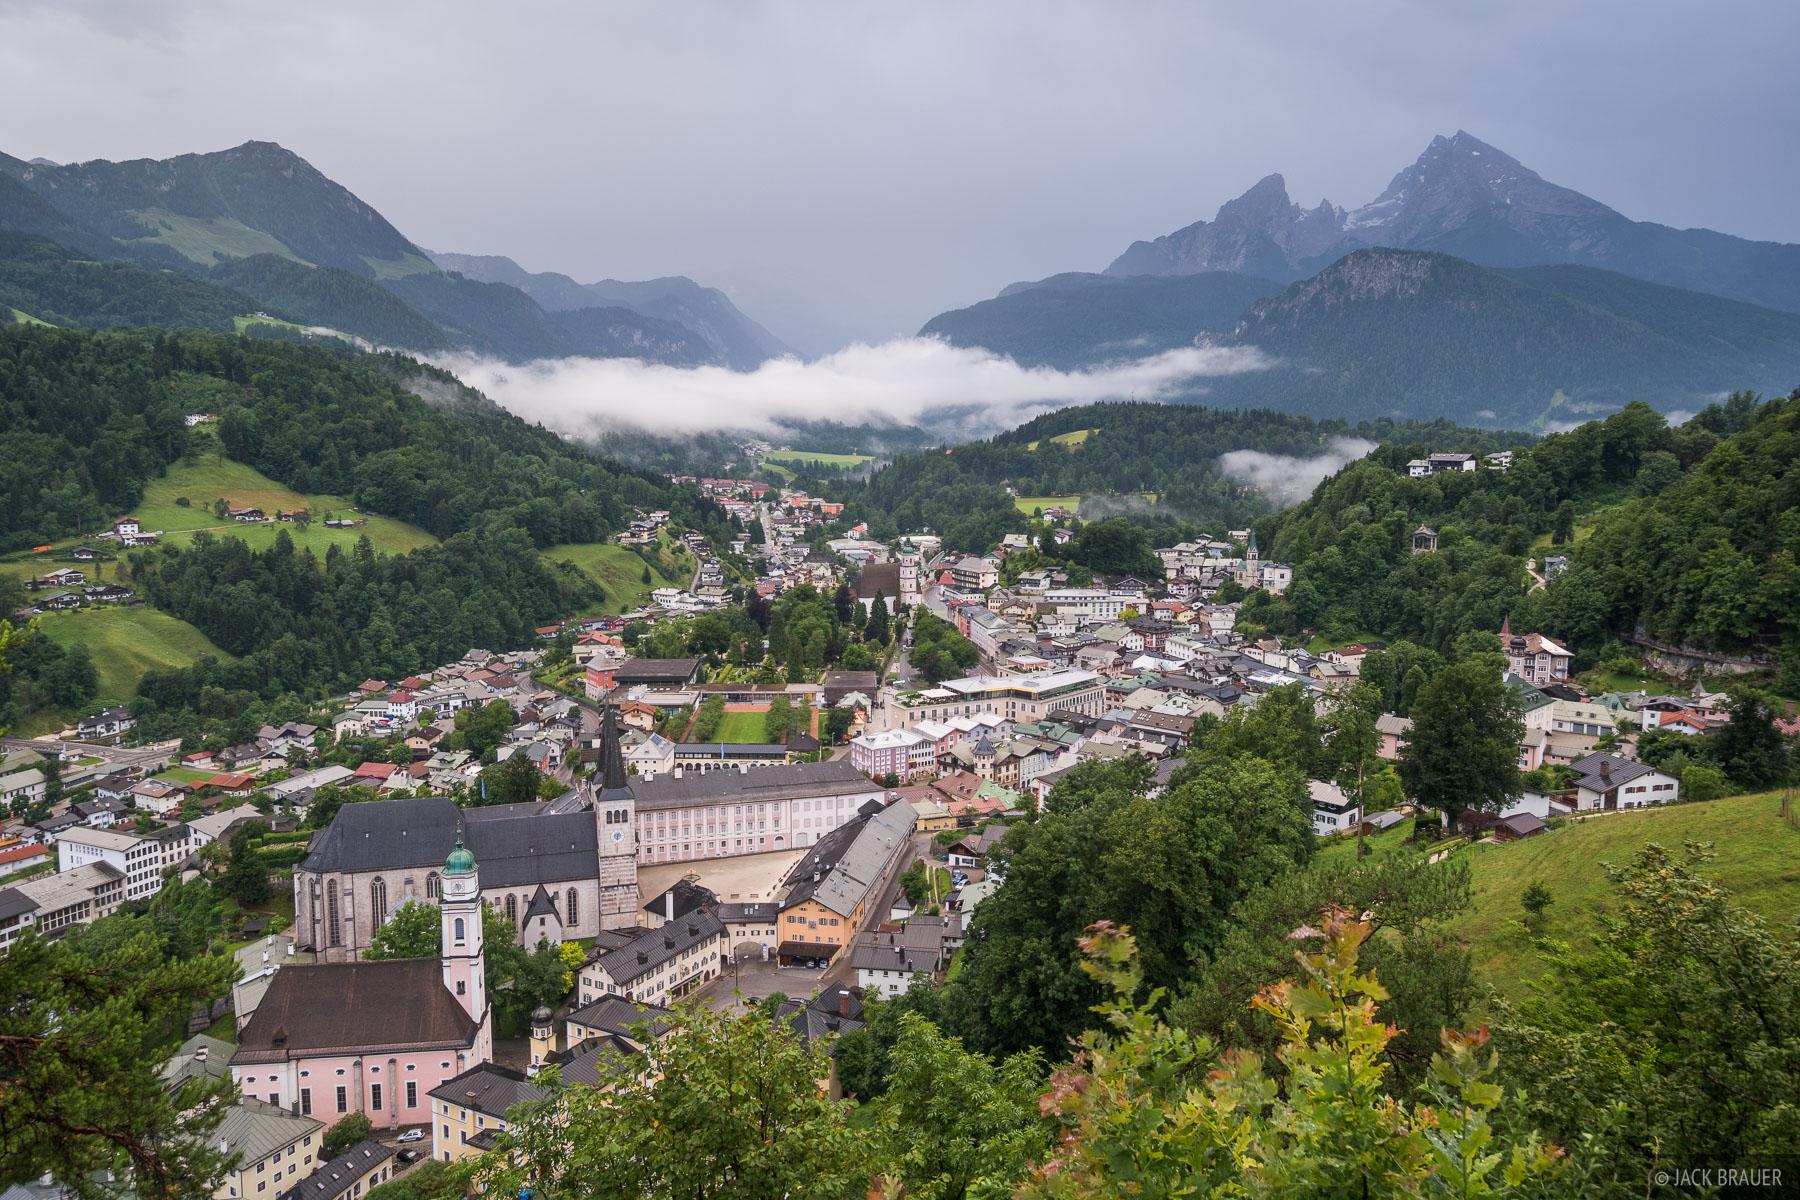 Stormy weather over Berchtesgaden.